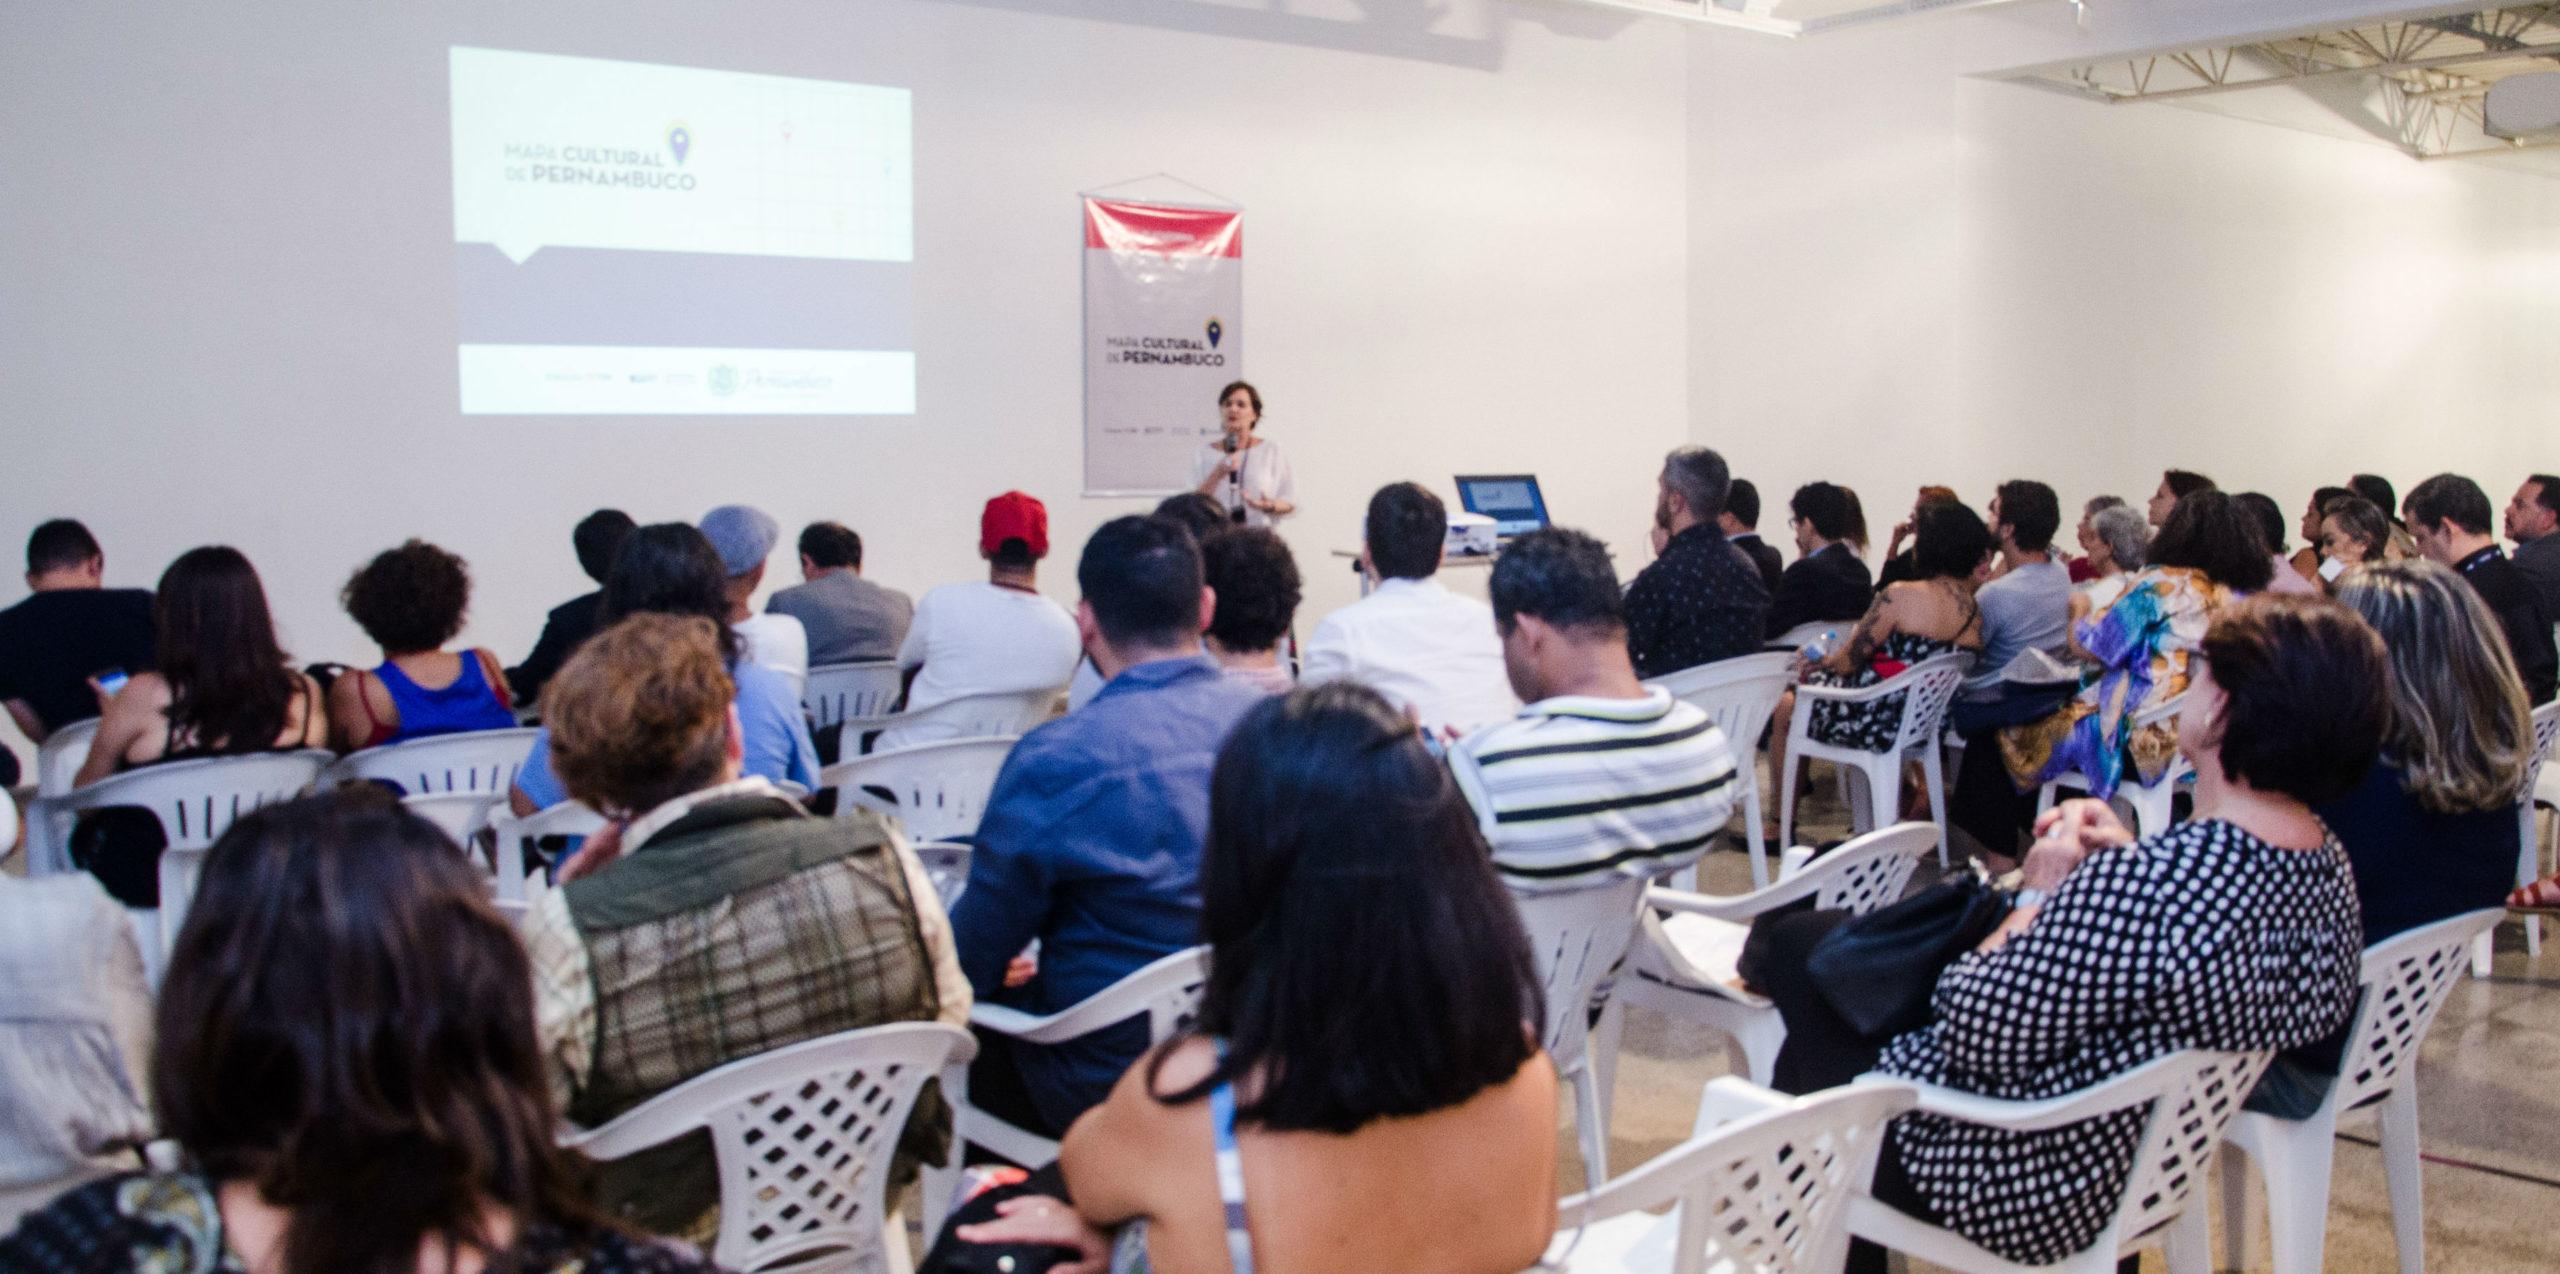 Mapa Cultural de Pernambuco é lançado em evento